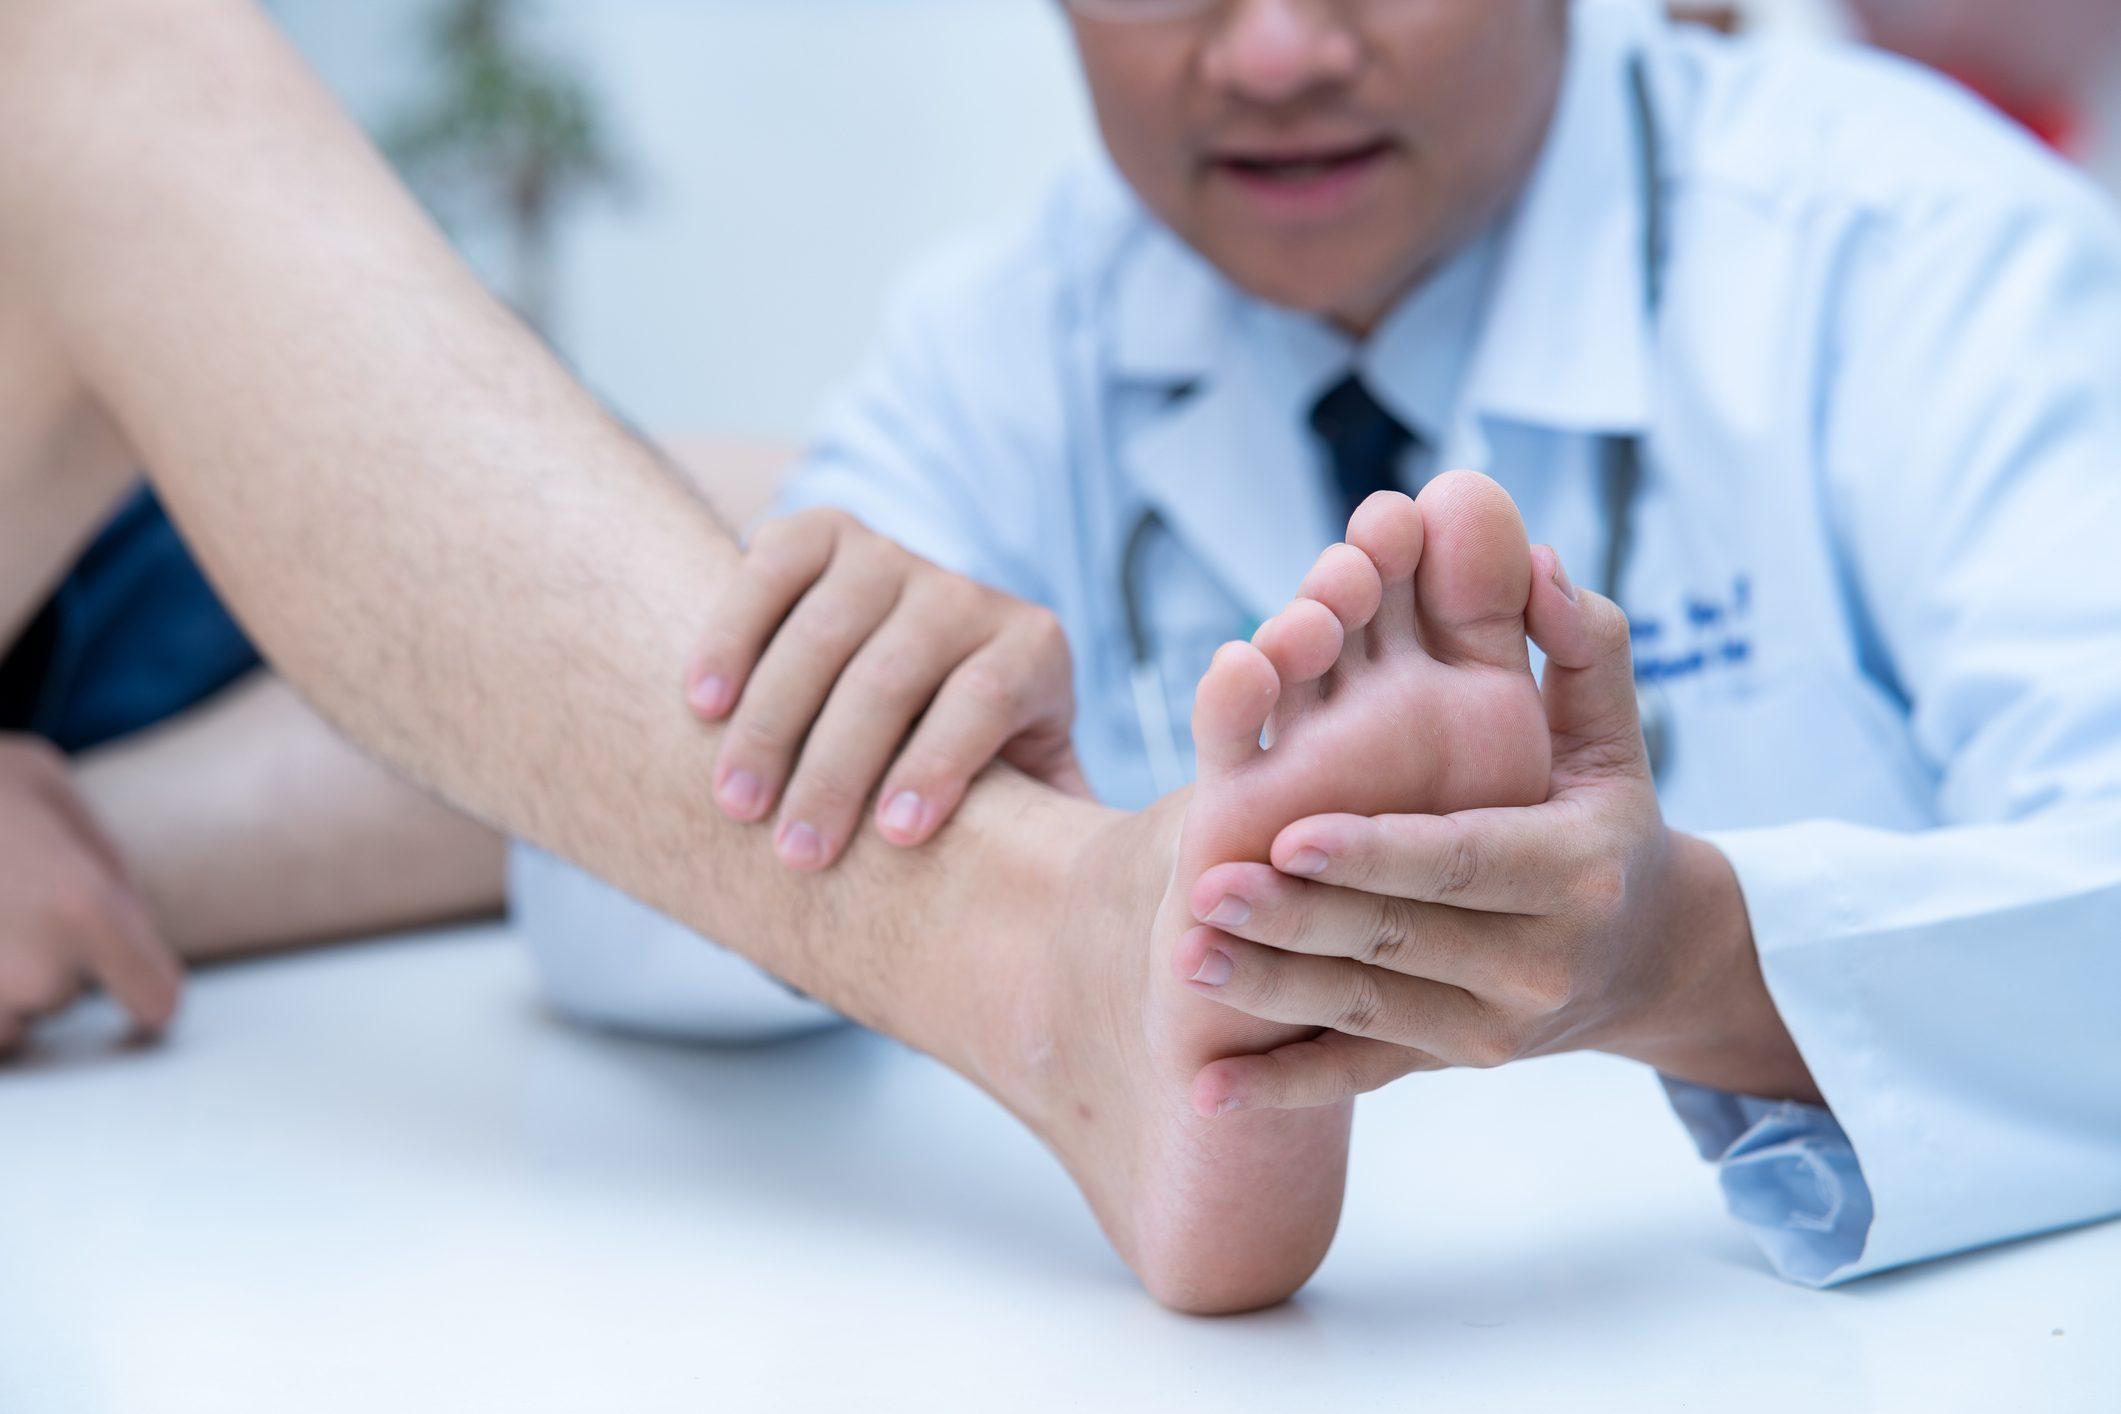 doctor examining patient's foot